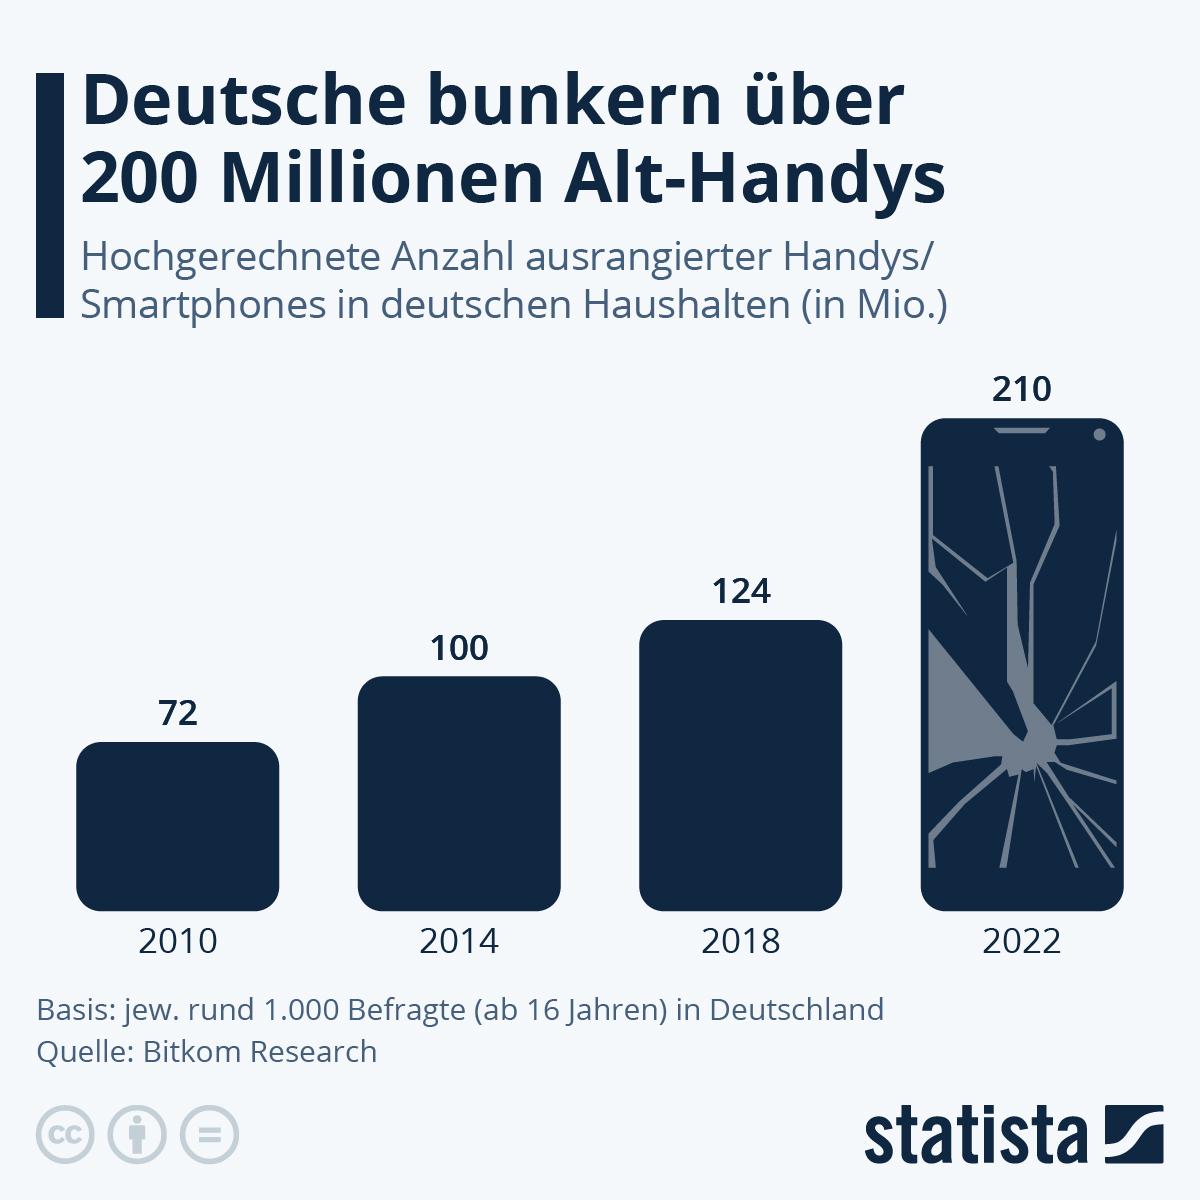 Infografik: Deutsche bunkern fast 200 Millionen Alt-Handys | Statista